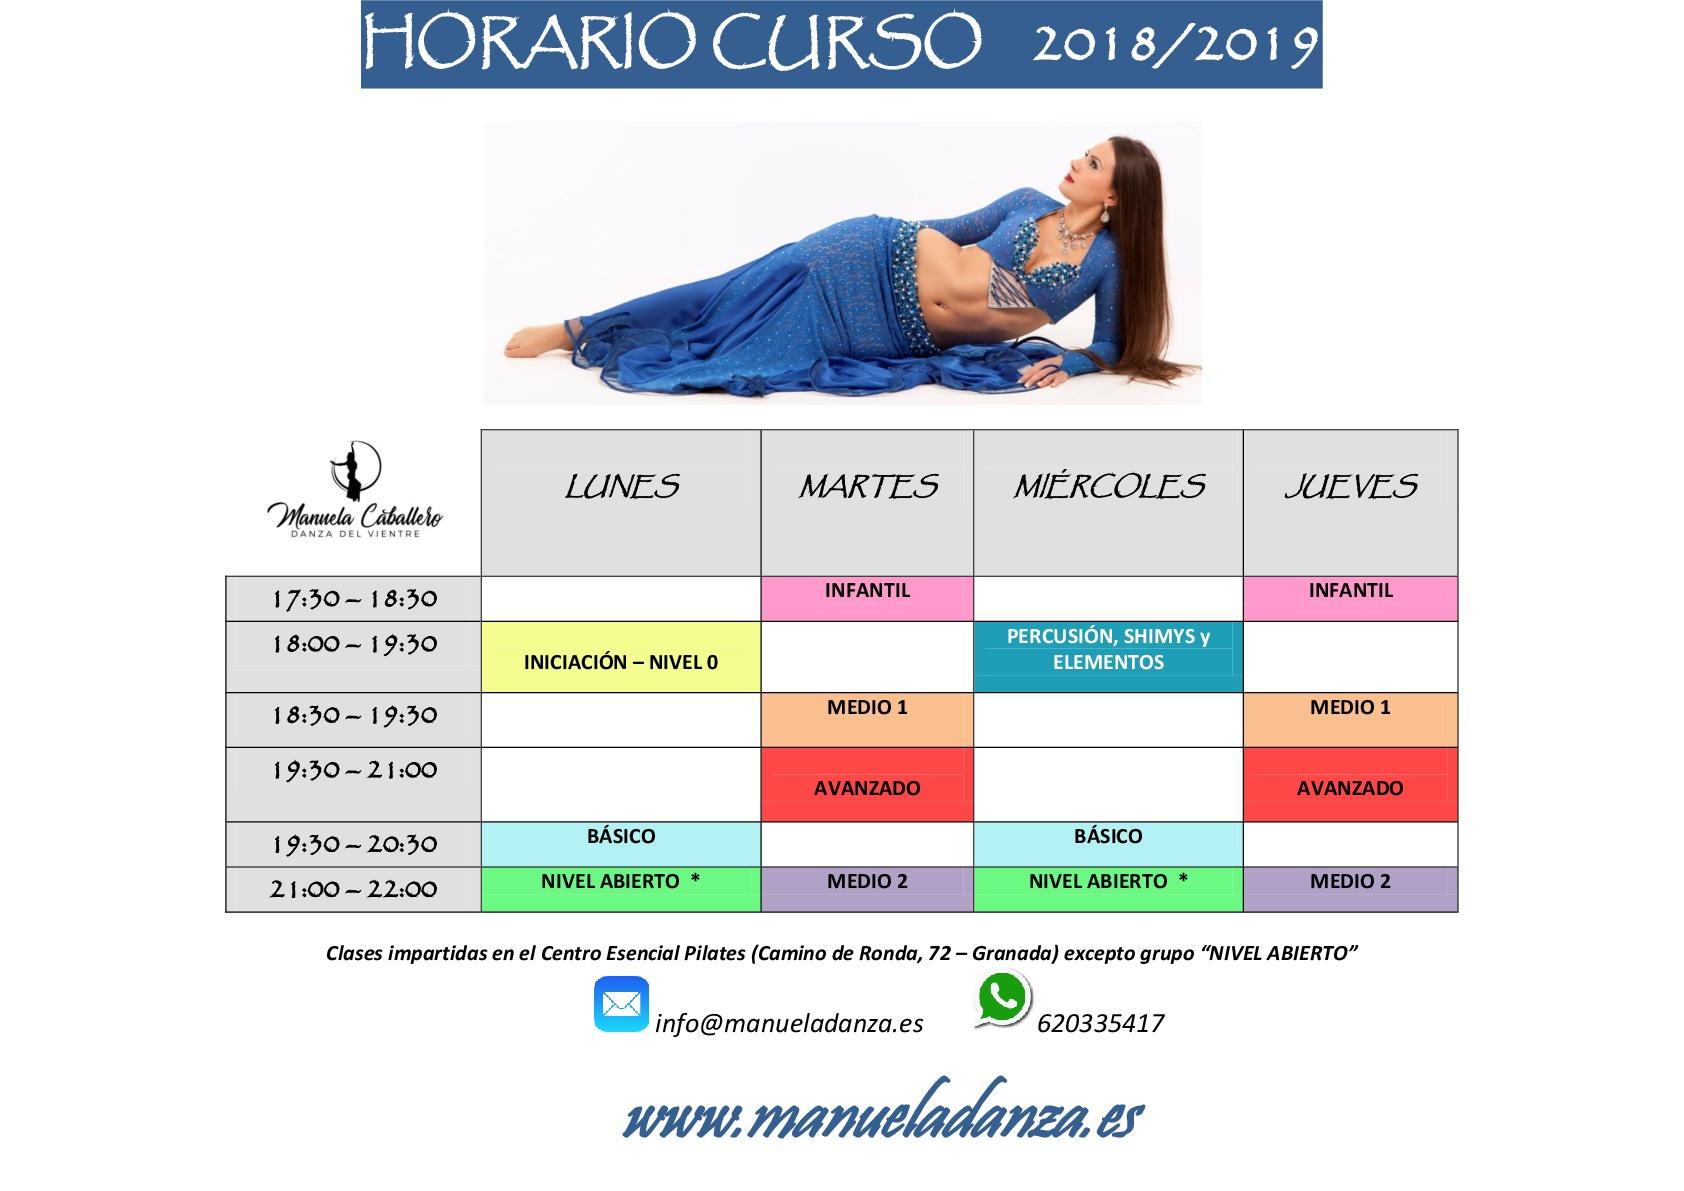 HORARIO-CURSO----2017-18-001